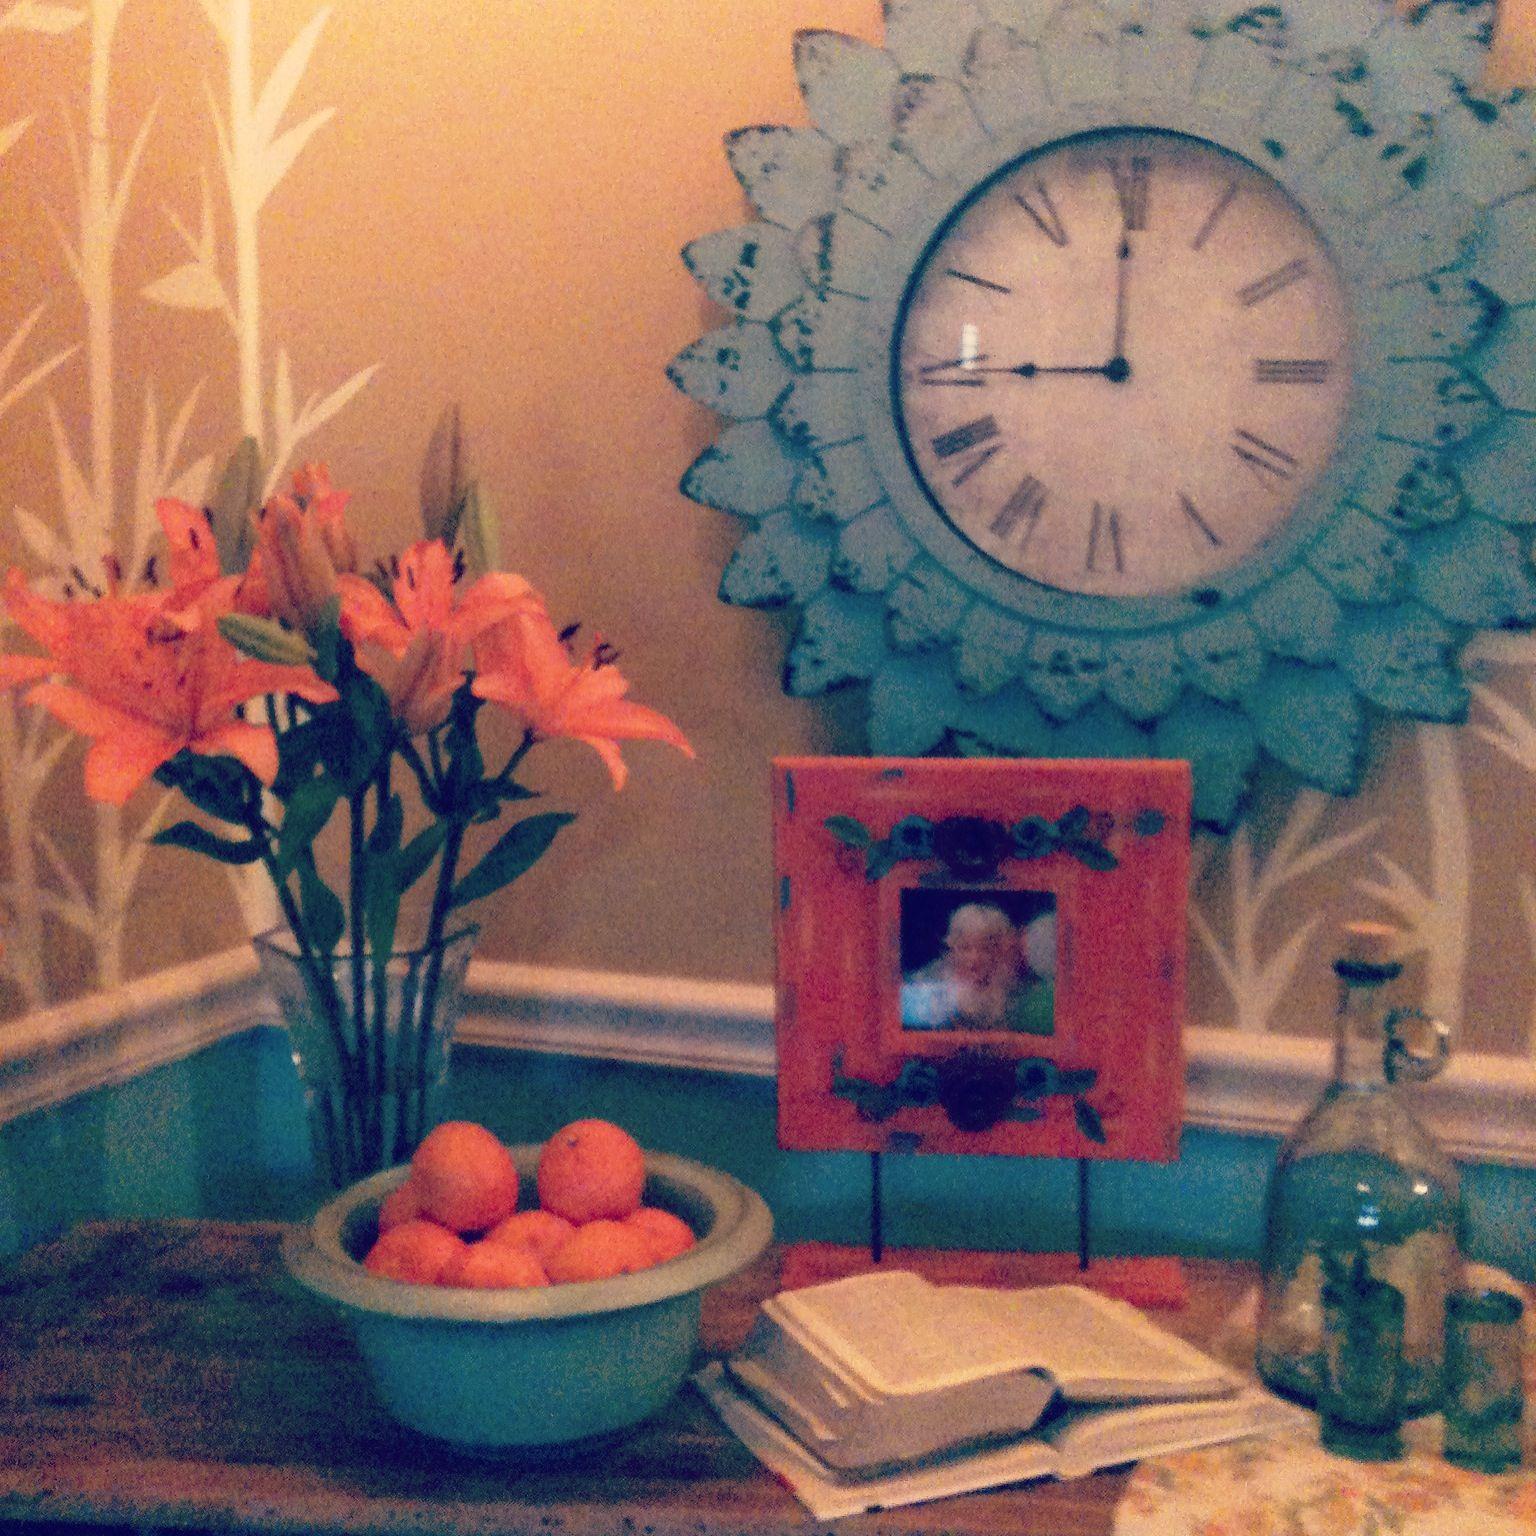 Love clock from hobby lobby